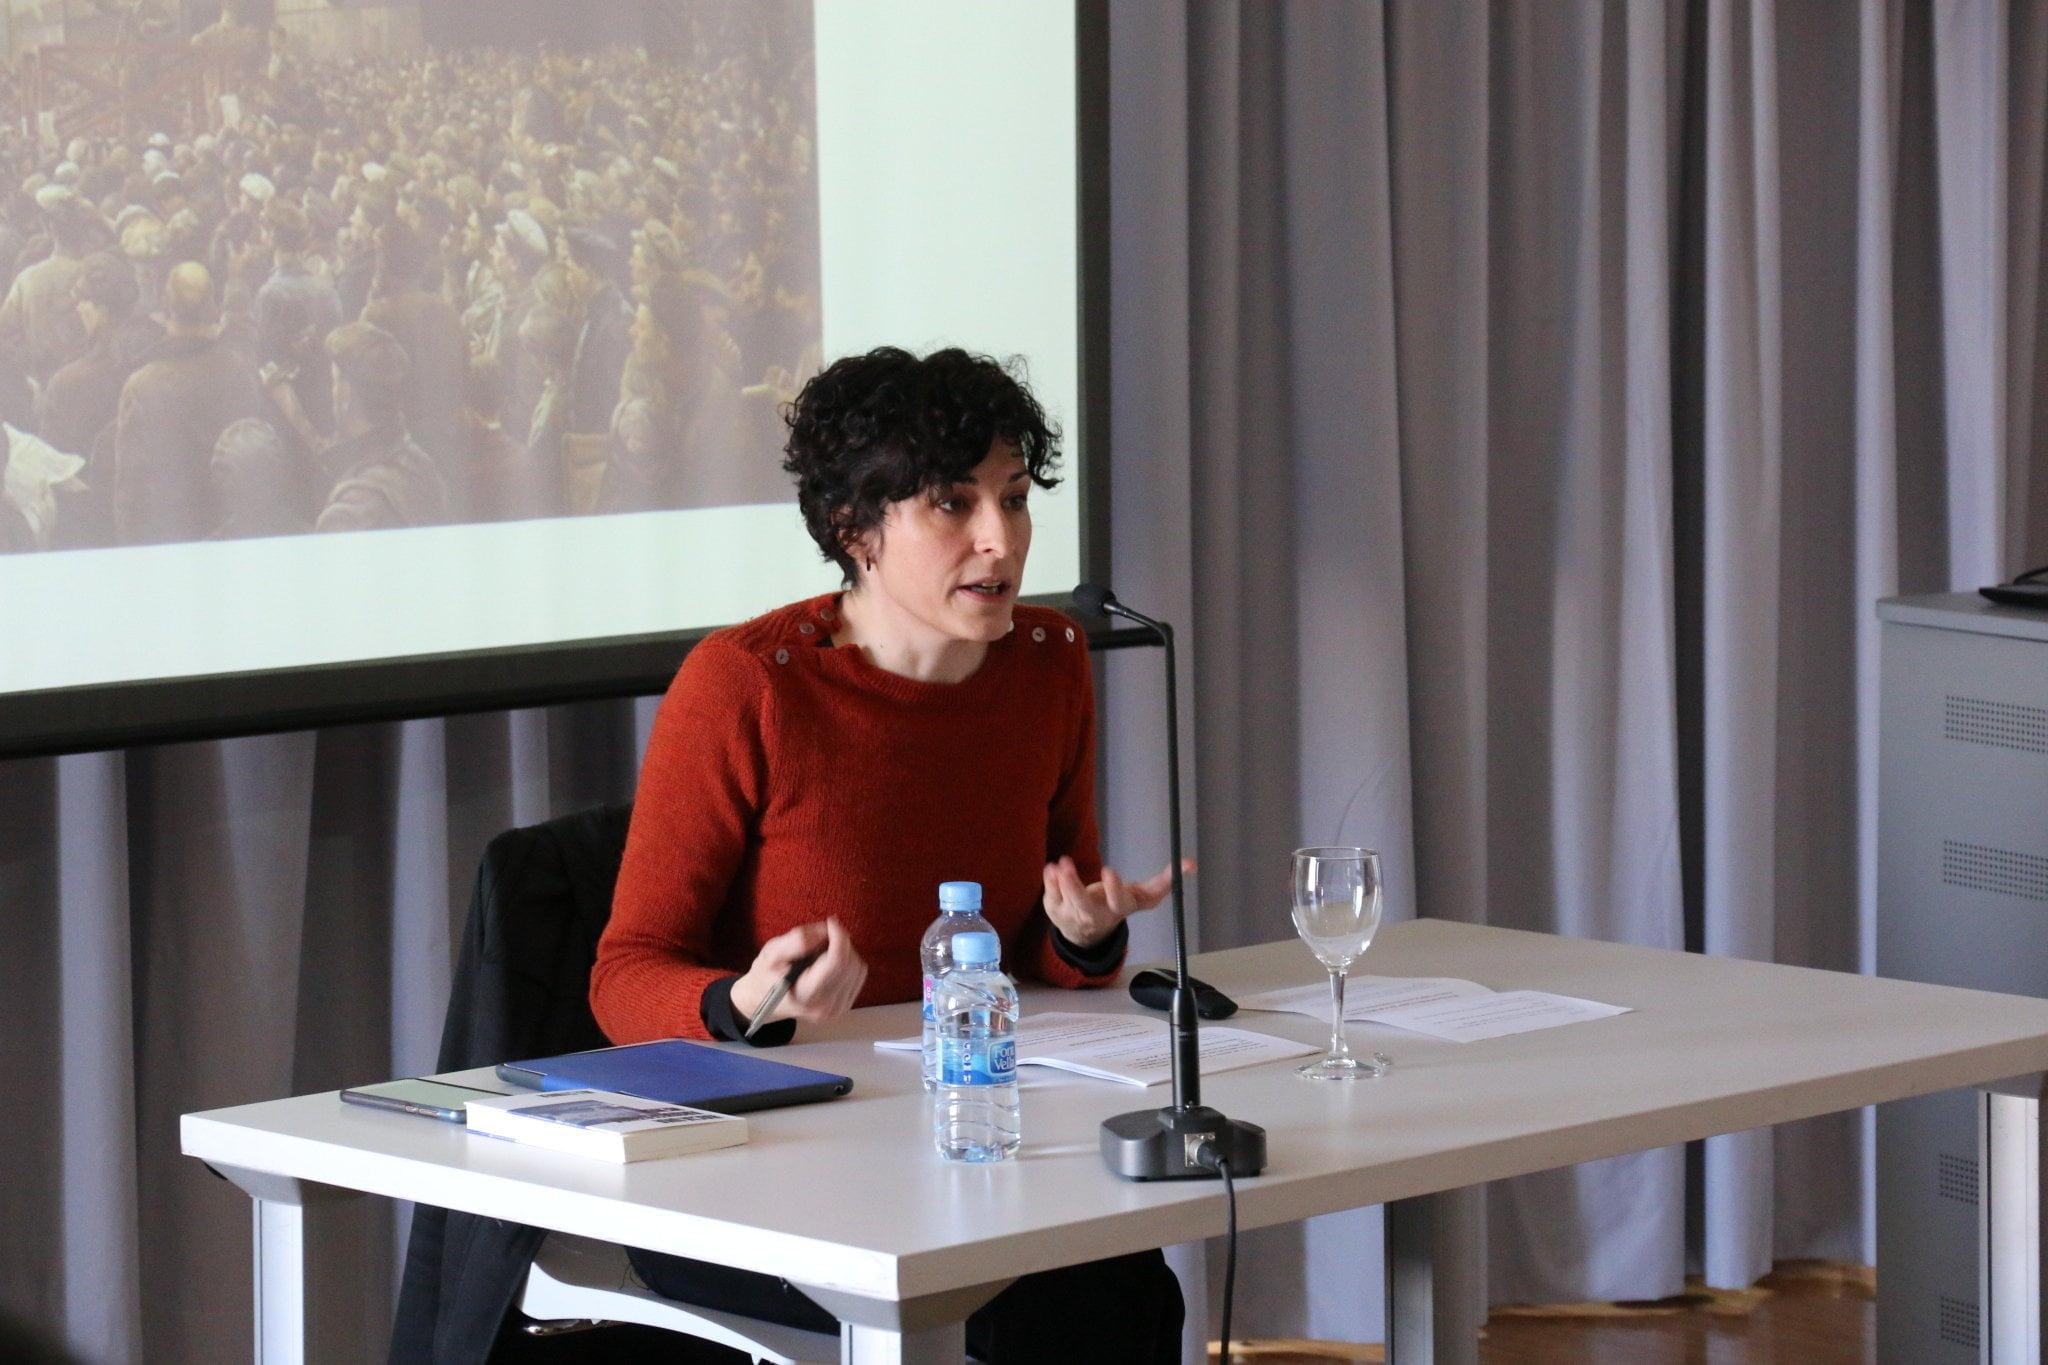 Amanda Núñez